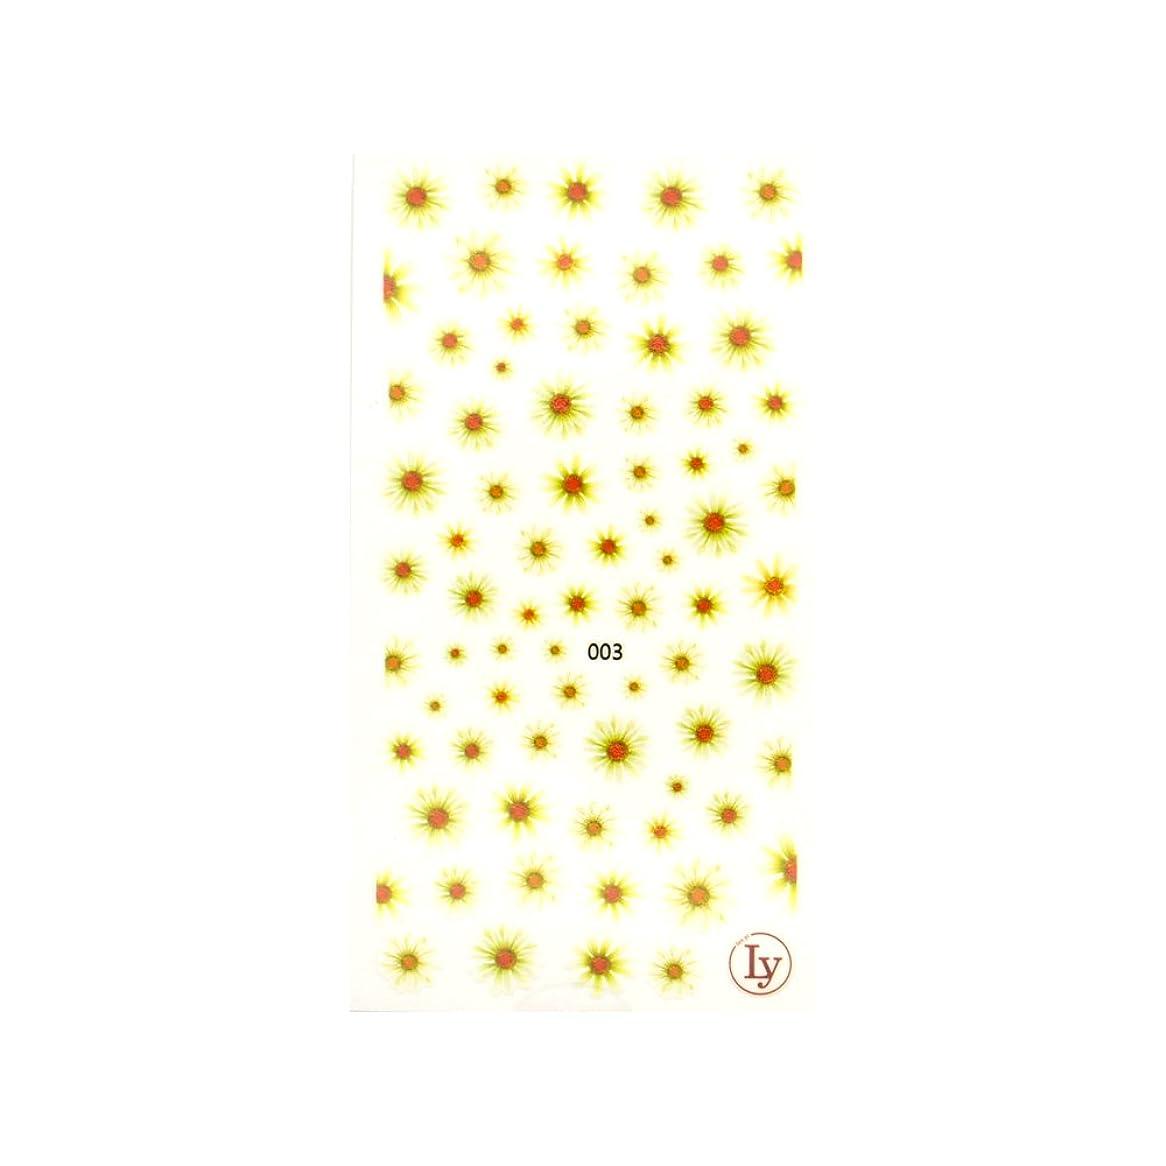 辞任する予防接種する一元化するirogel ネイルシール ホワイトマーガレットシール【003】 マーガレット フラワー 花